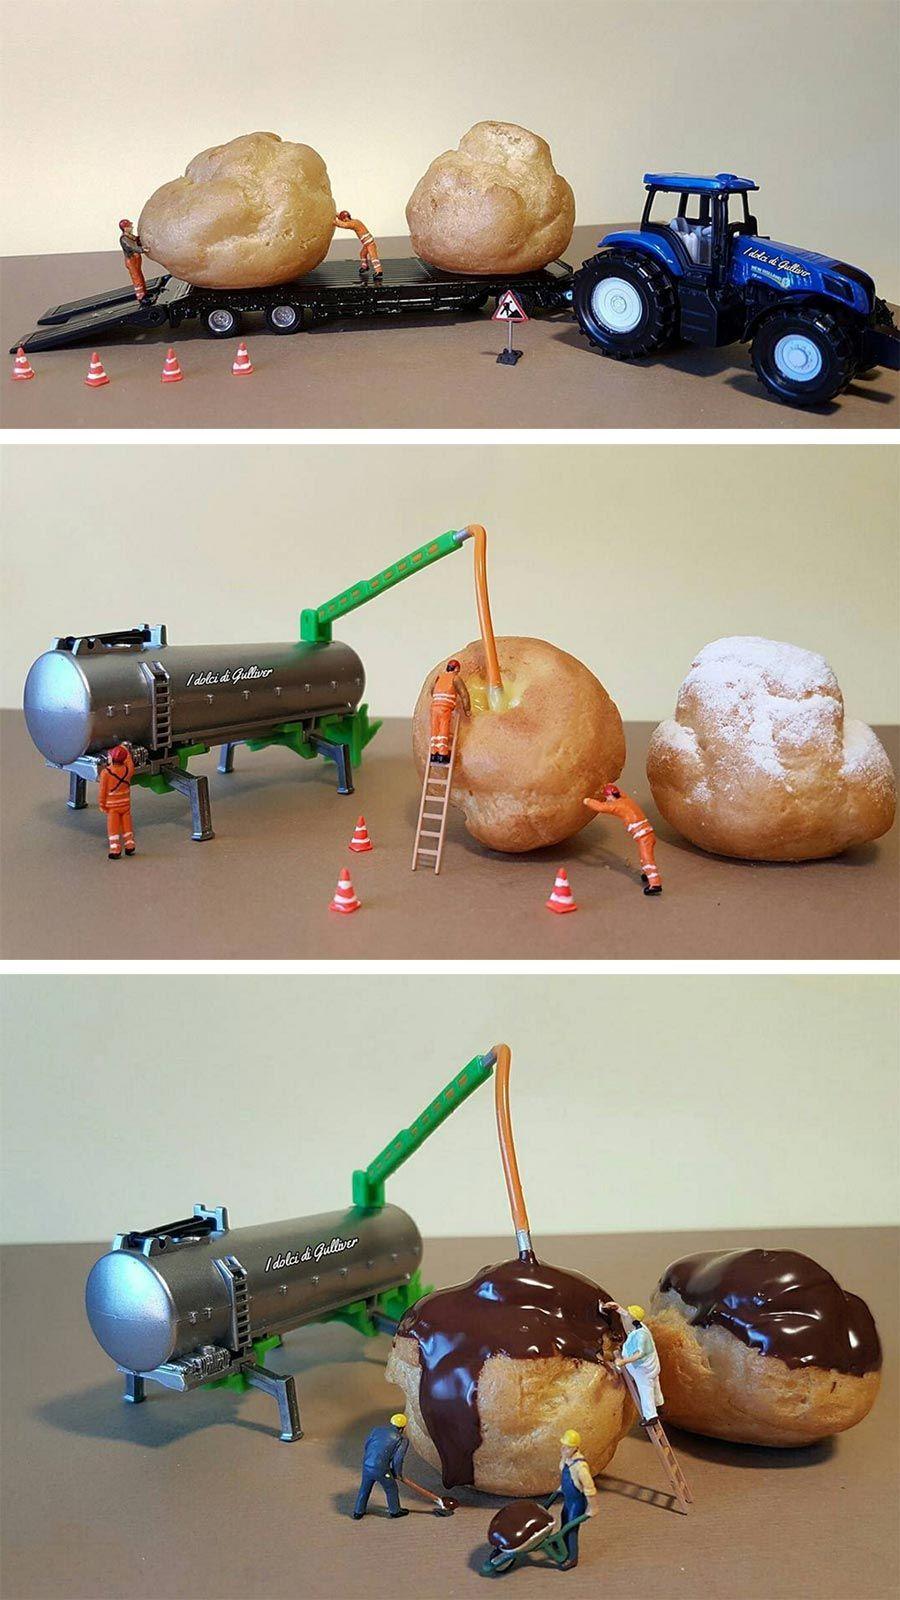 Miniatur-Küchenhelfer - Kreative Food-Fotografien von Matteo Stucchi ...